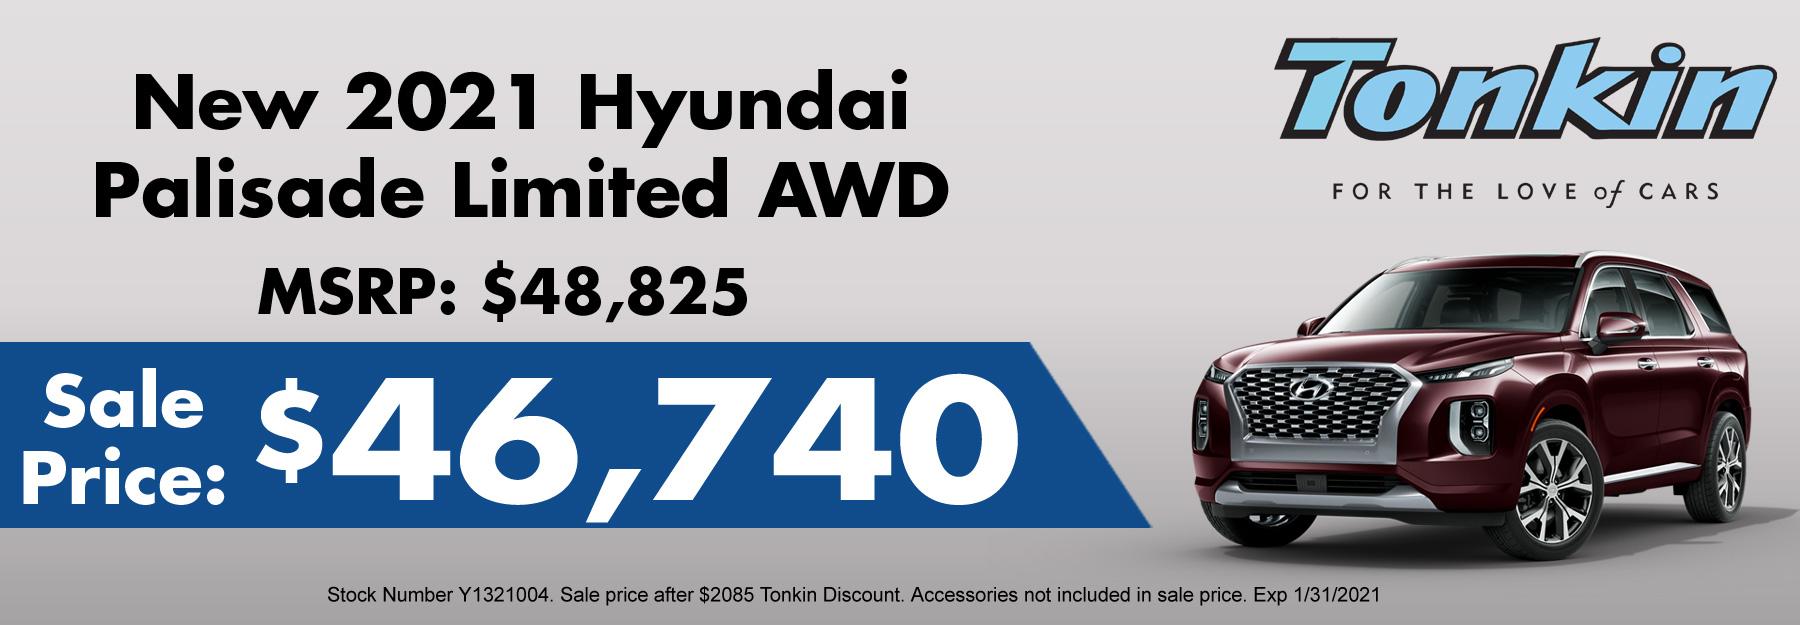 Hyundai Palisade Retail Special